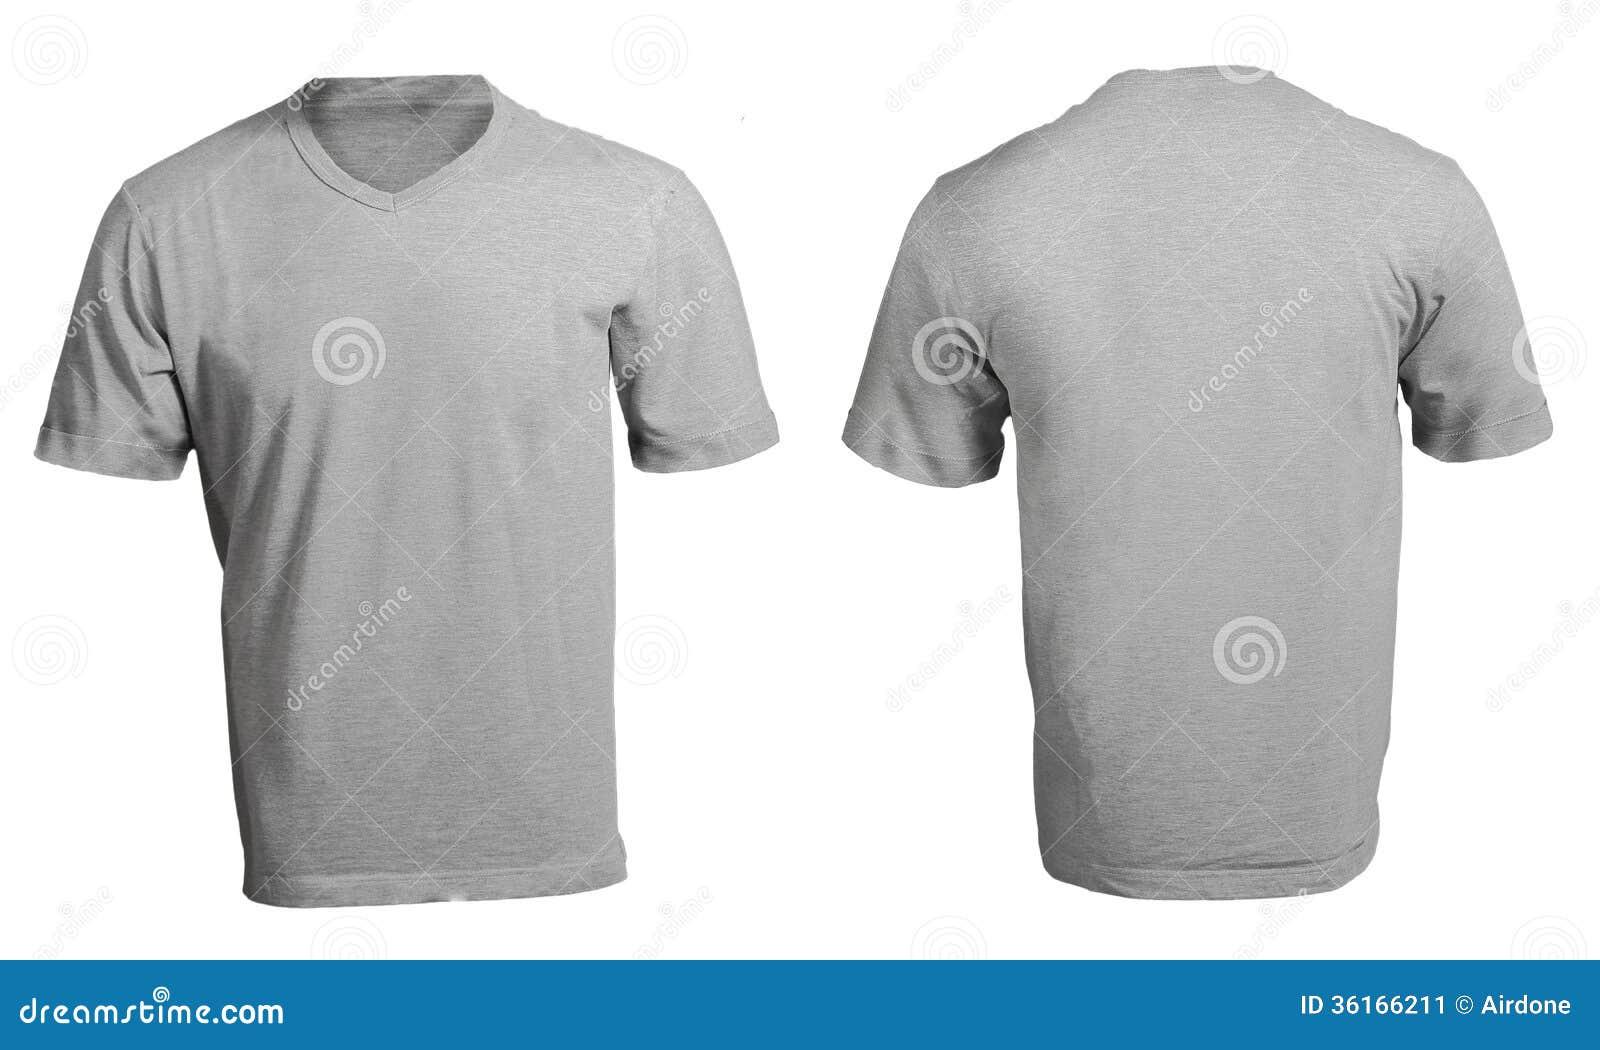 Erfreut Leere T Shirt Vorlage Bilder - Beispielzusammenfassung Ideen ...